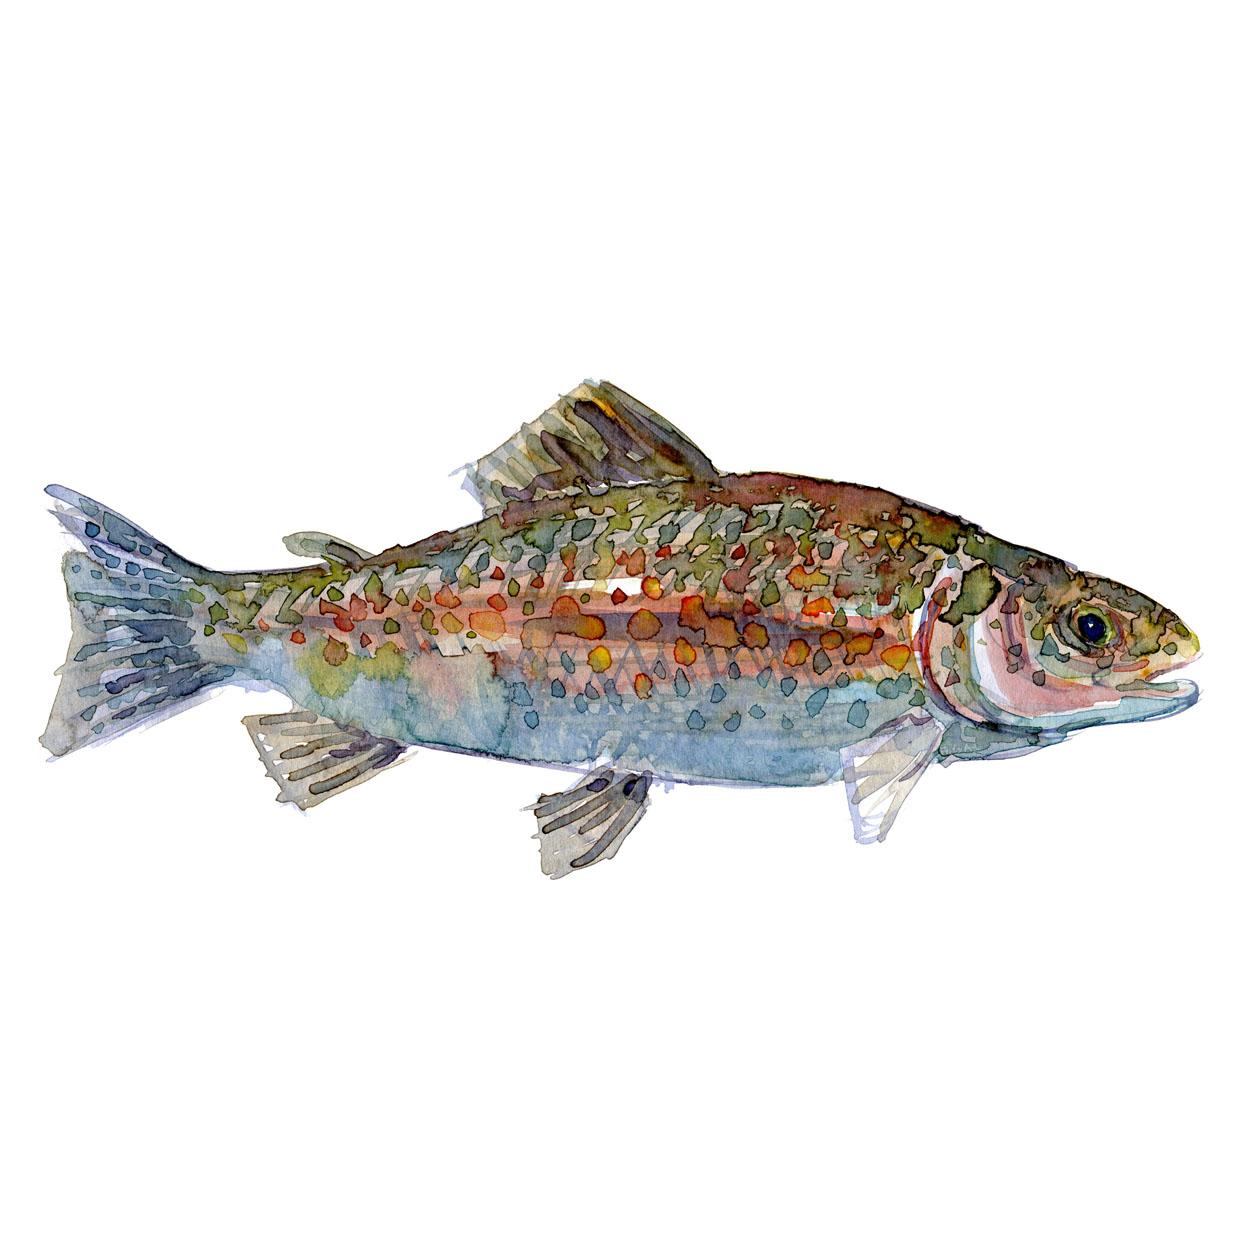 Ørred Ferskvandsfisk og biodiversitet i Danmark Akvarel af Frits Ahlefeldt